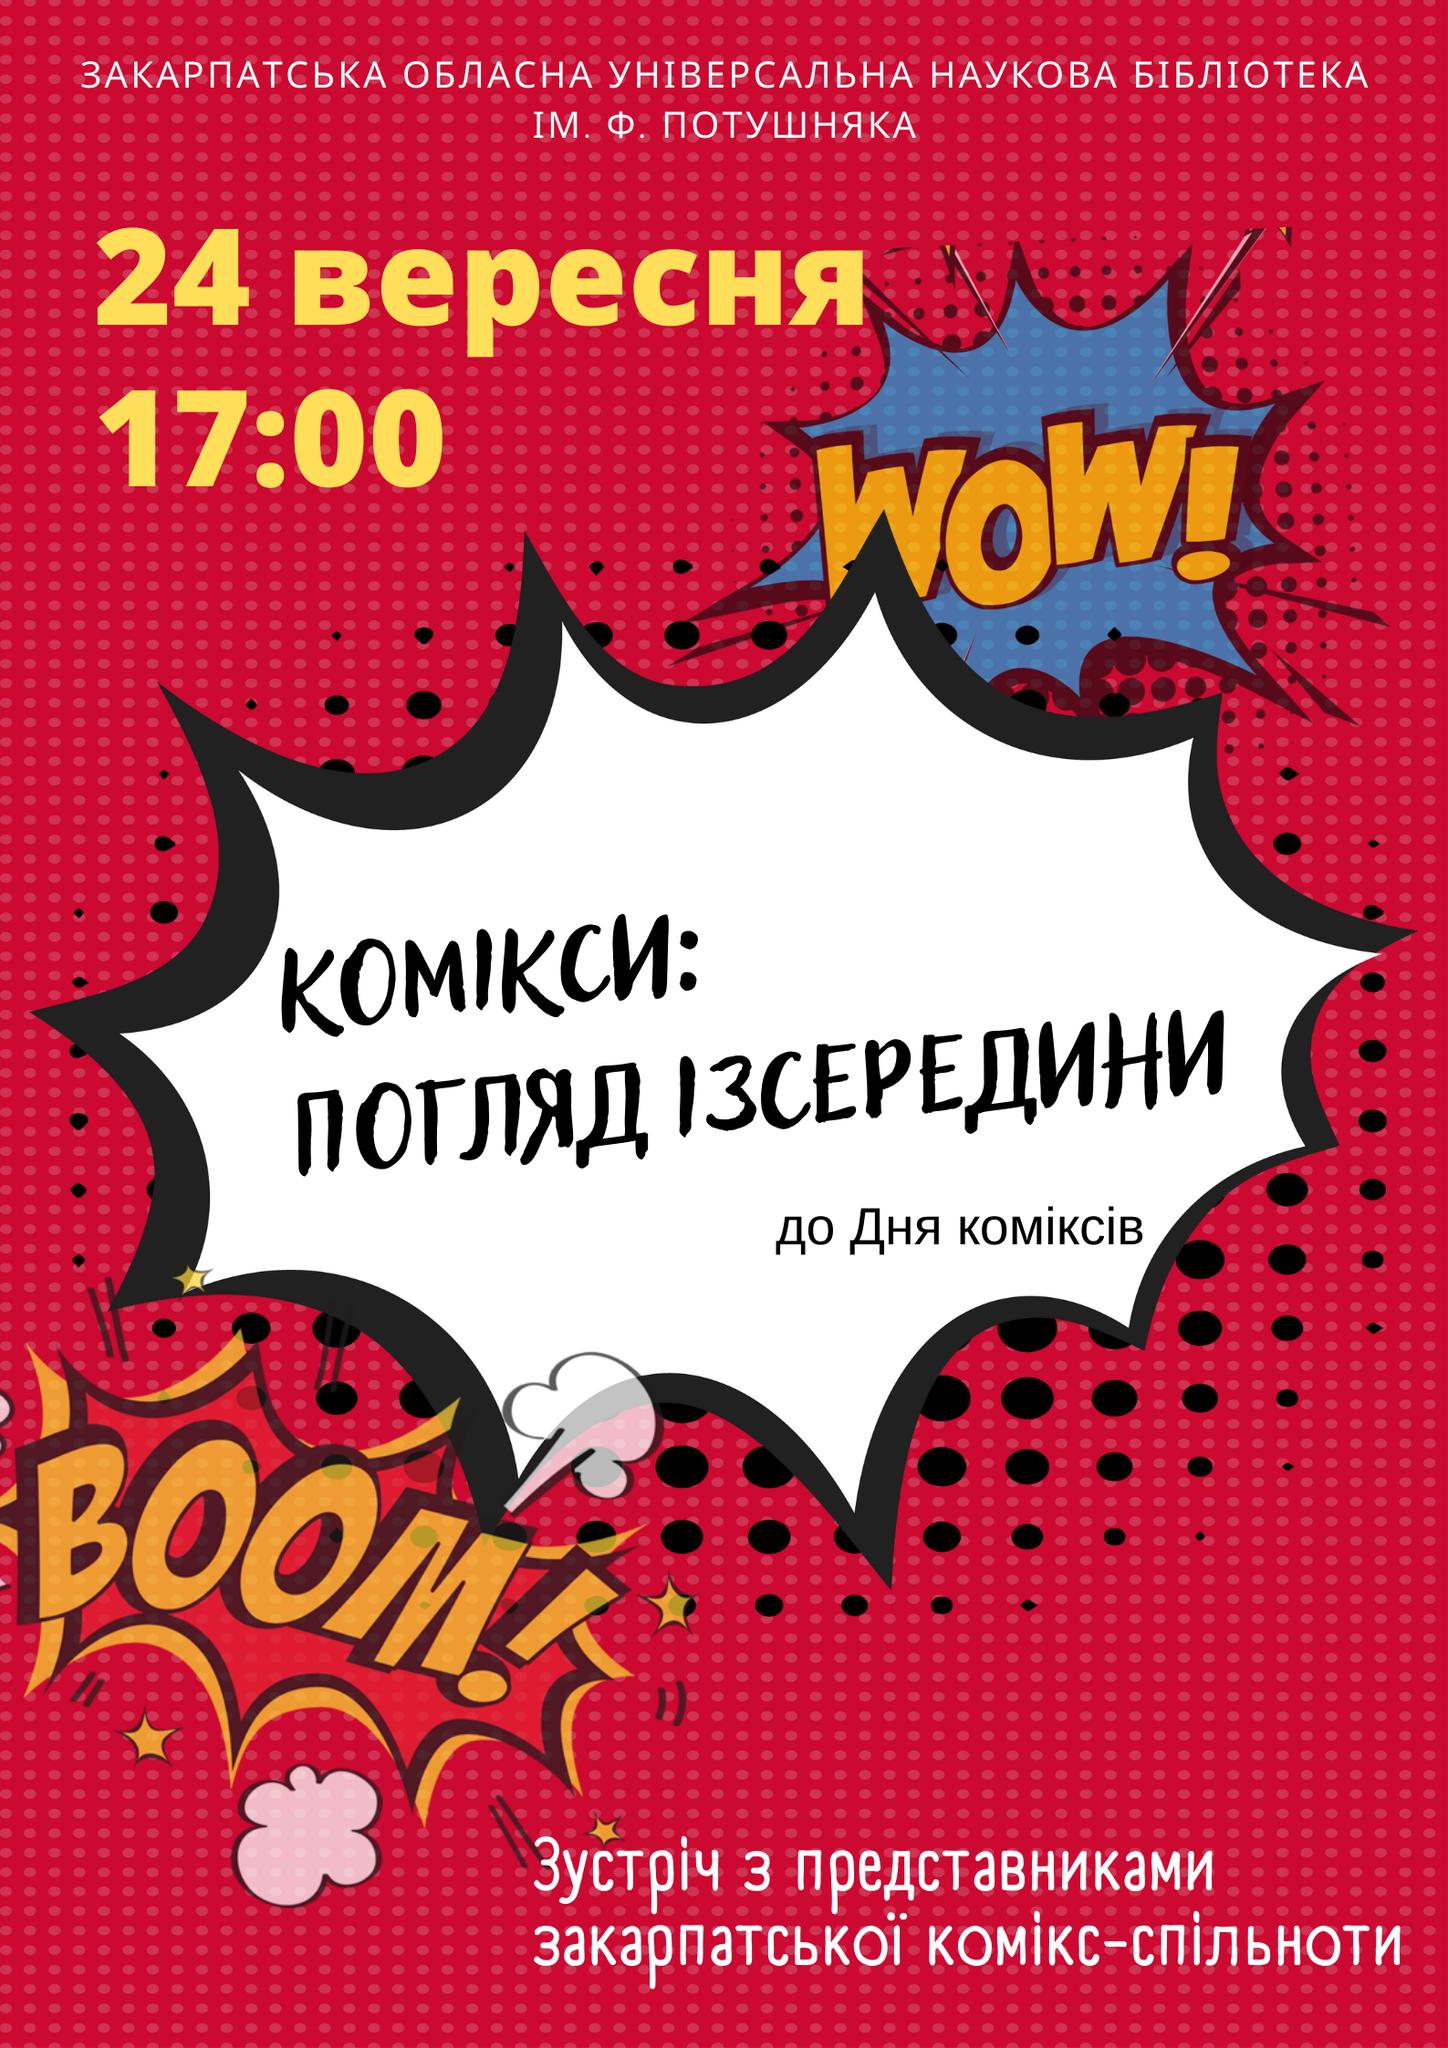 У Закарпатській обласній бібліотеці відбудеться зустріч із представниками комікс-спільноти